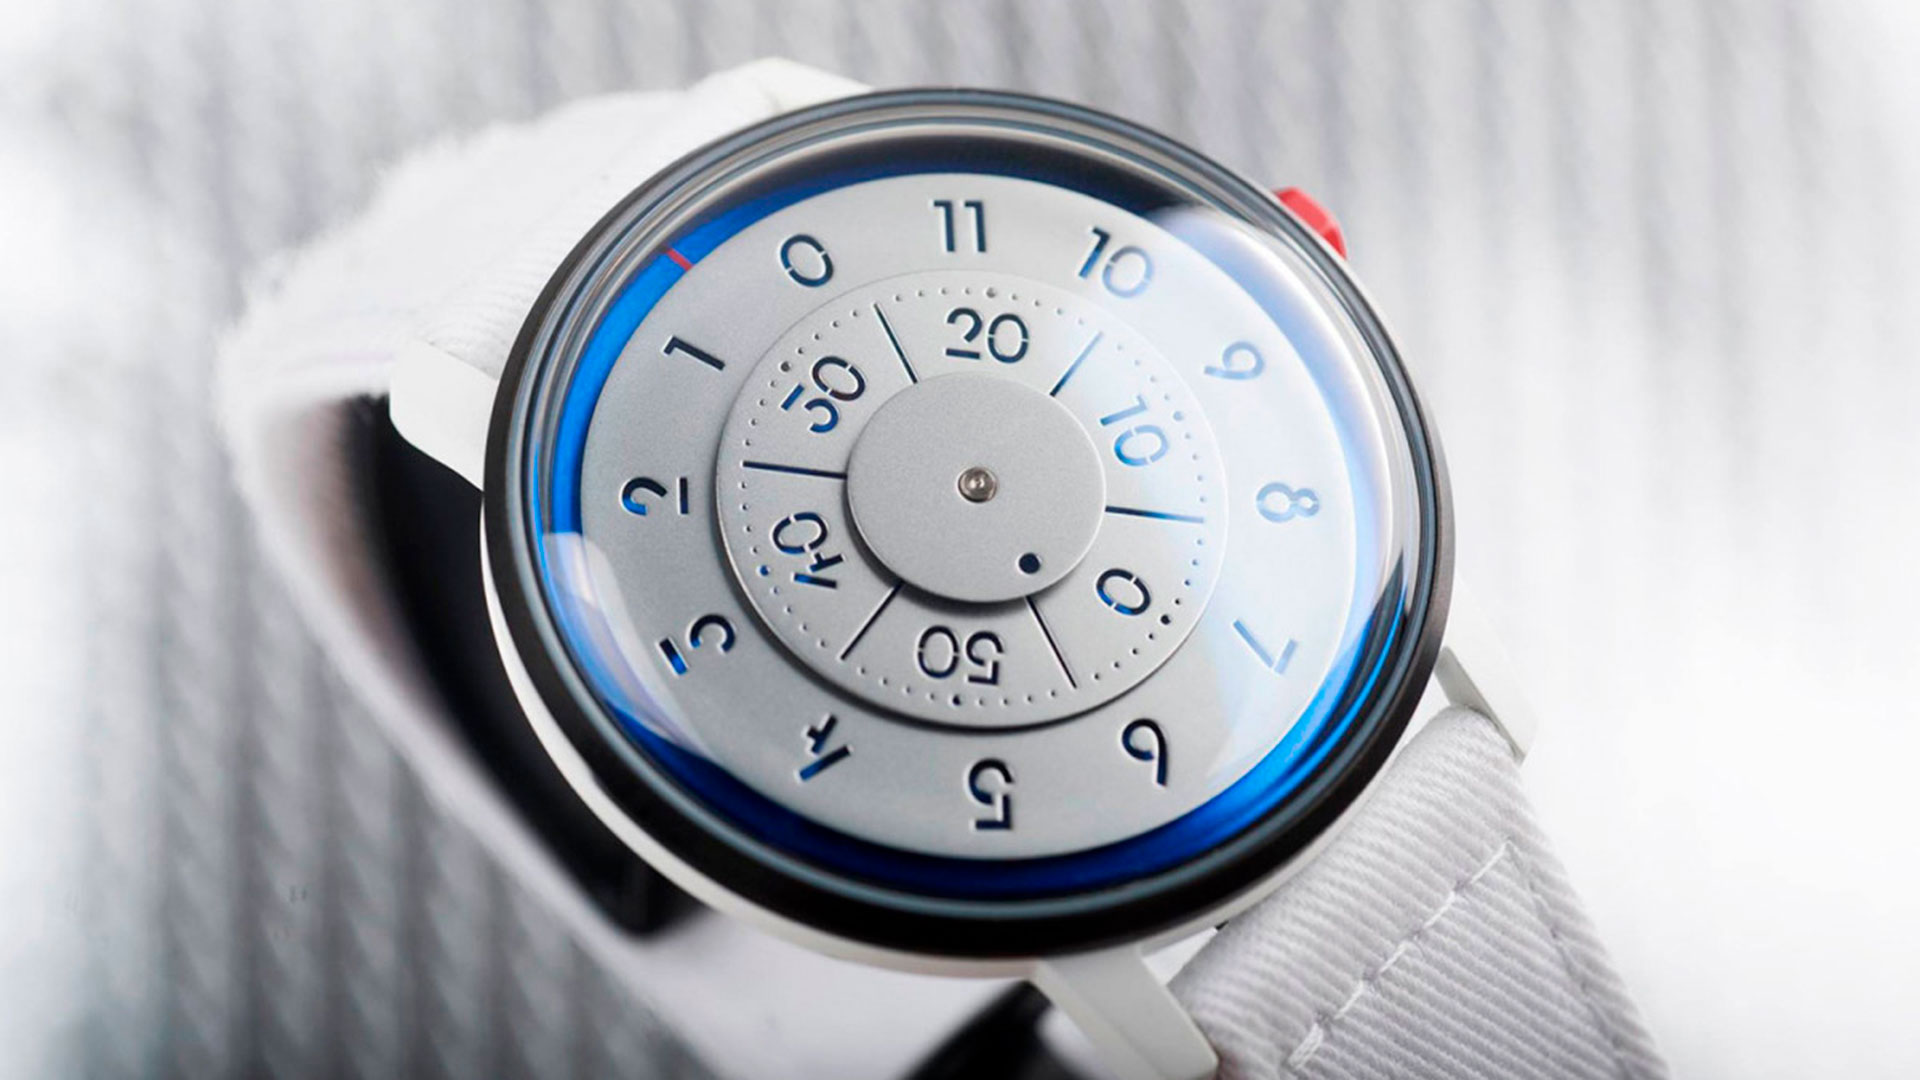 Imagen del reloj edición limitada de Anicorn para la Nasa